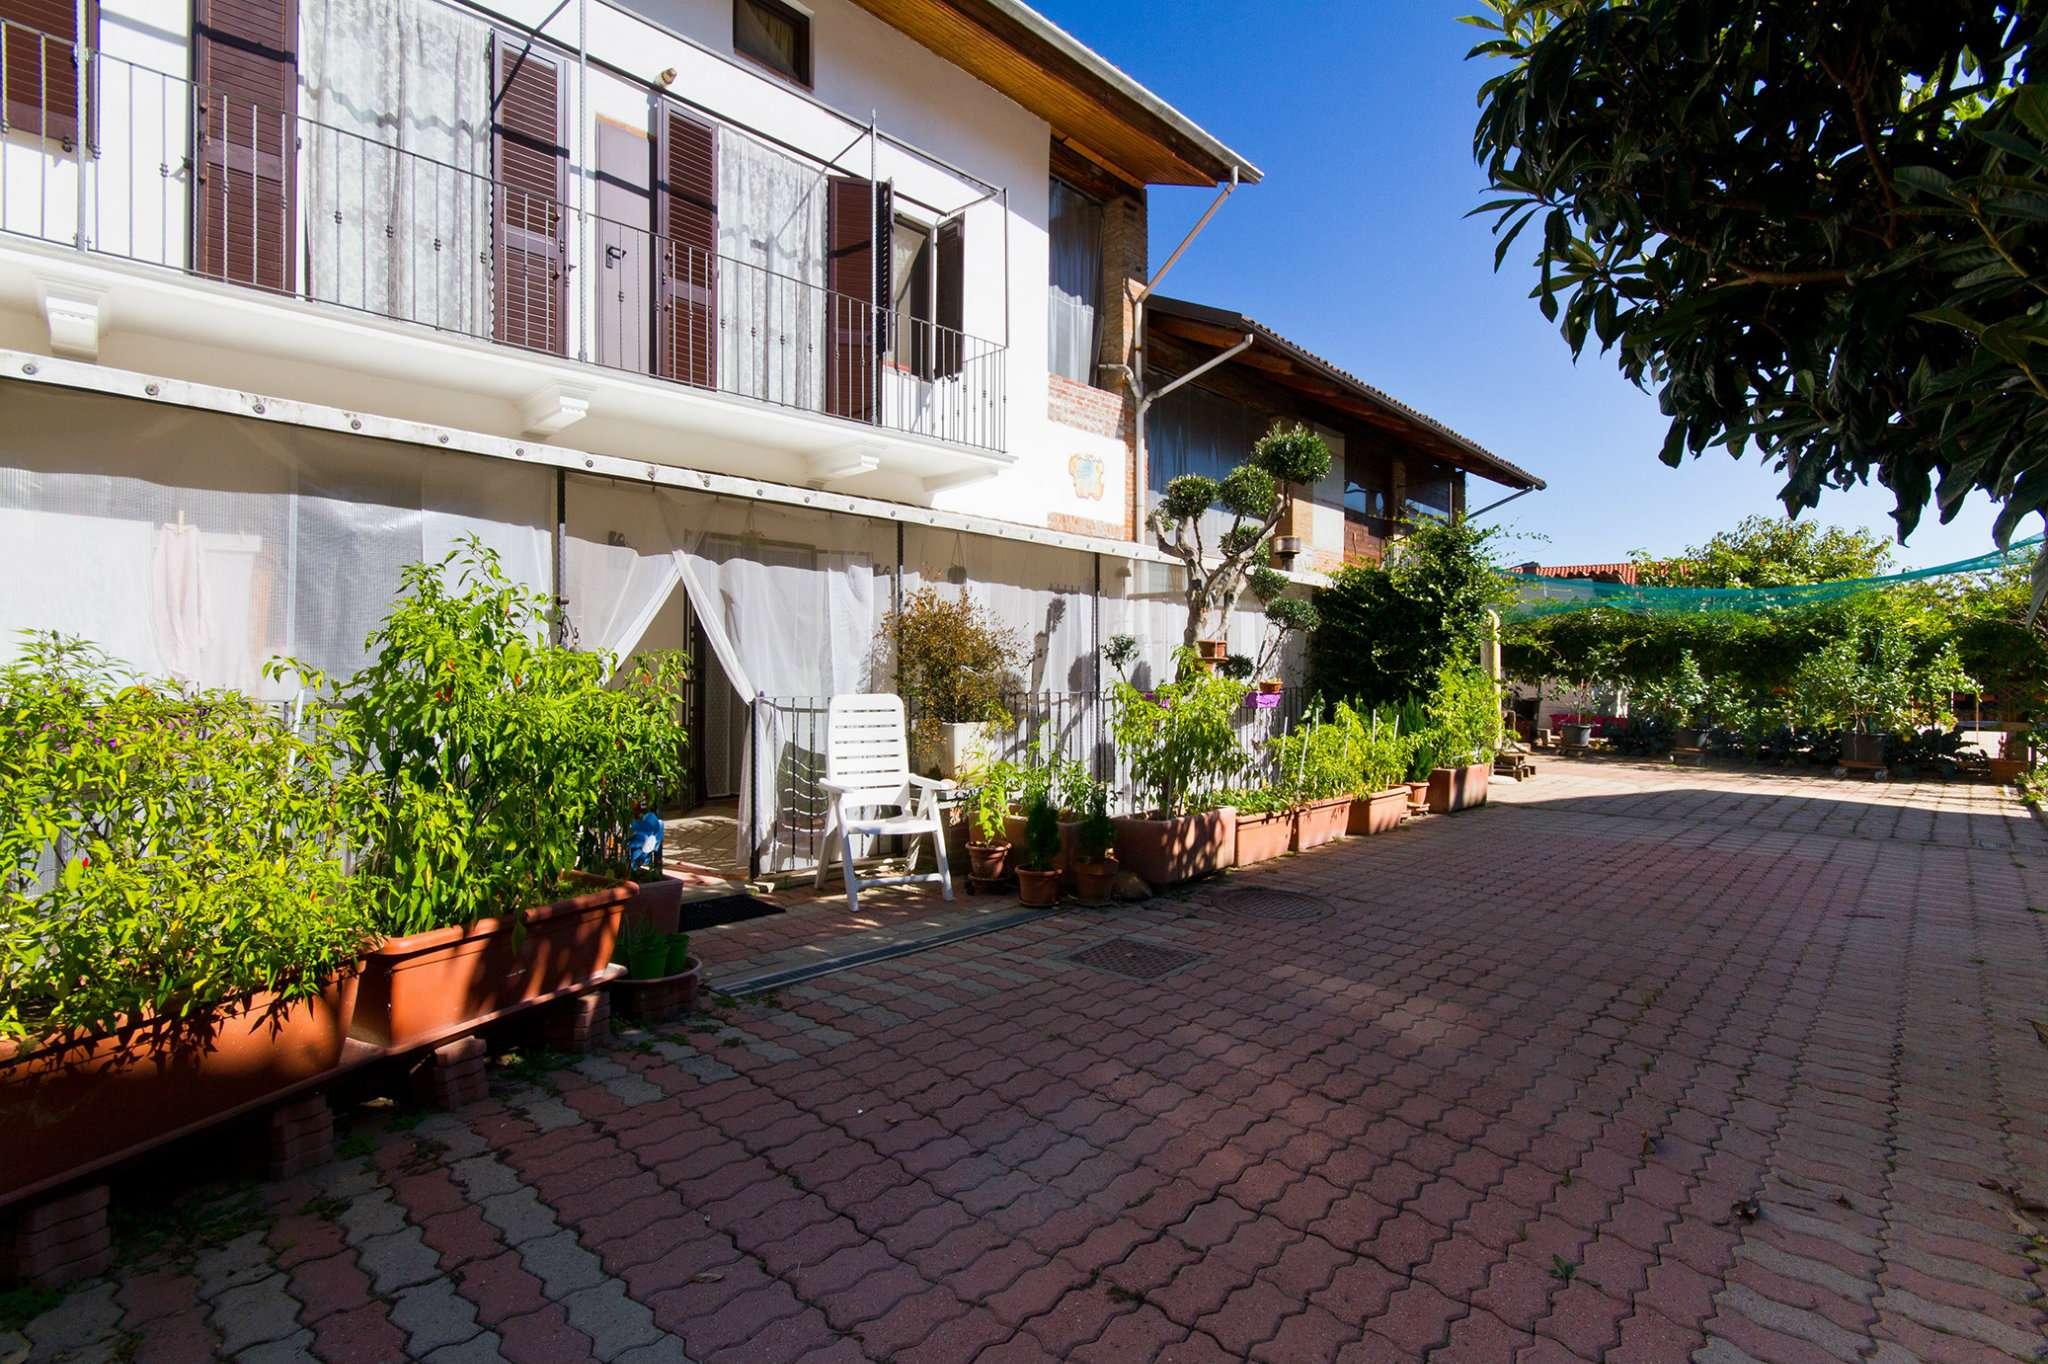 Soluzione Indipendente in vendita a Pianezza, 5 locali, prezzo € 259.000   CambioCasa.it